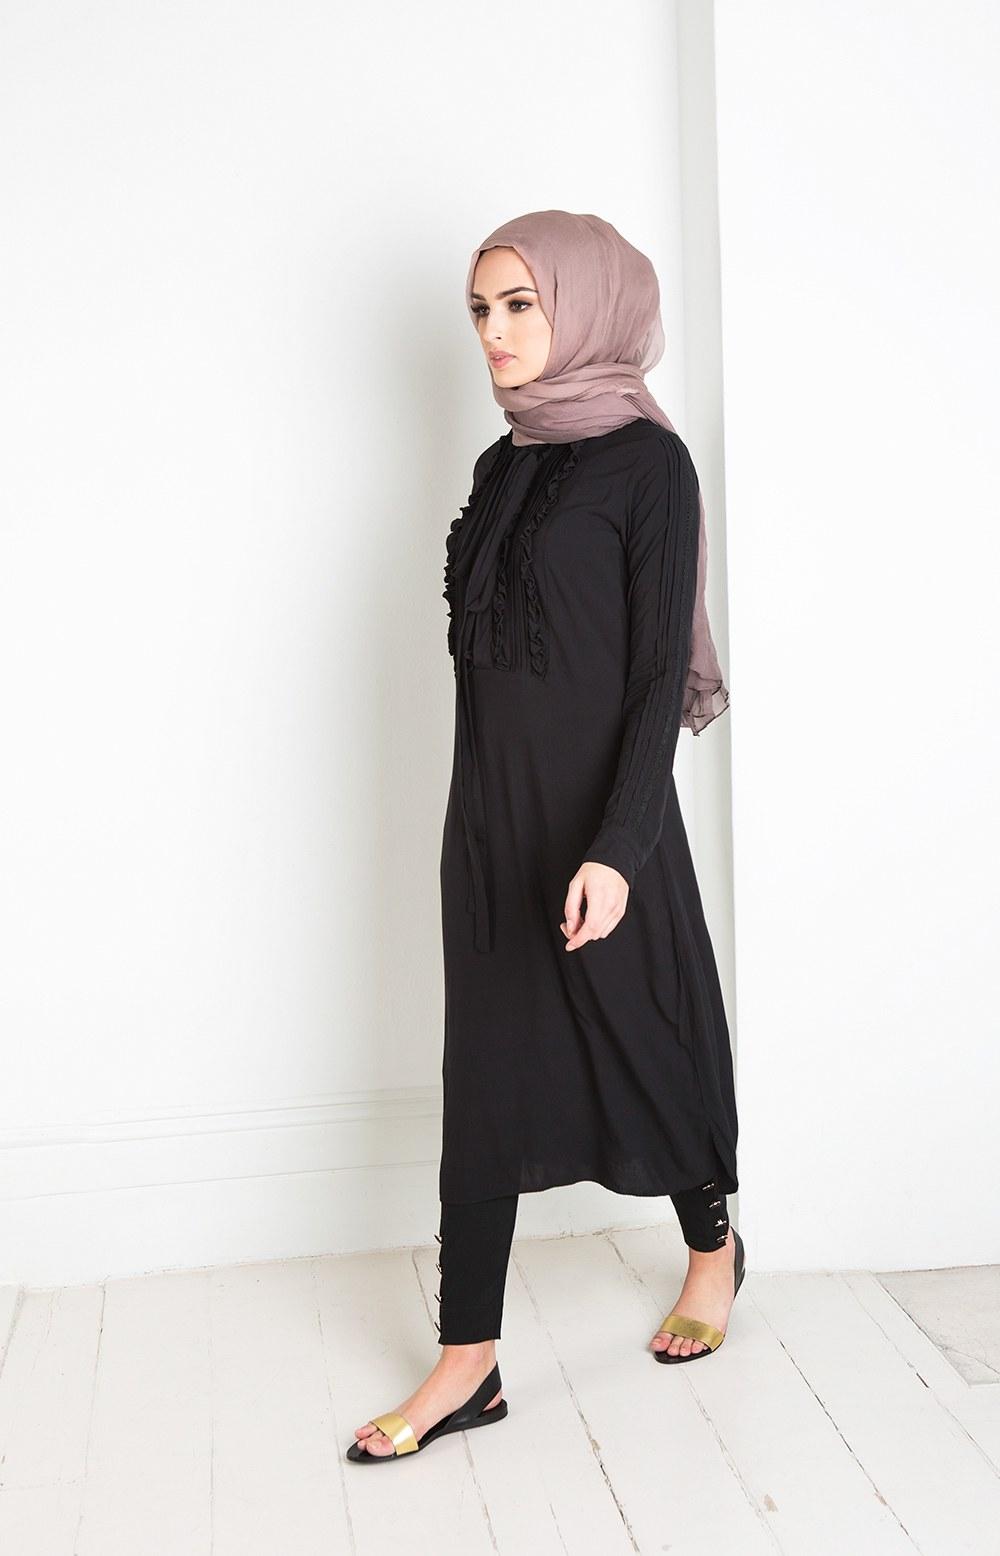 Inspirasi Model Baju Lebaran Tahun 2018 Qwdq 25 Trend Model Baju Muslim Lebaran 2018 Simple & Modis